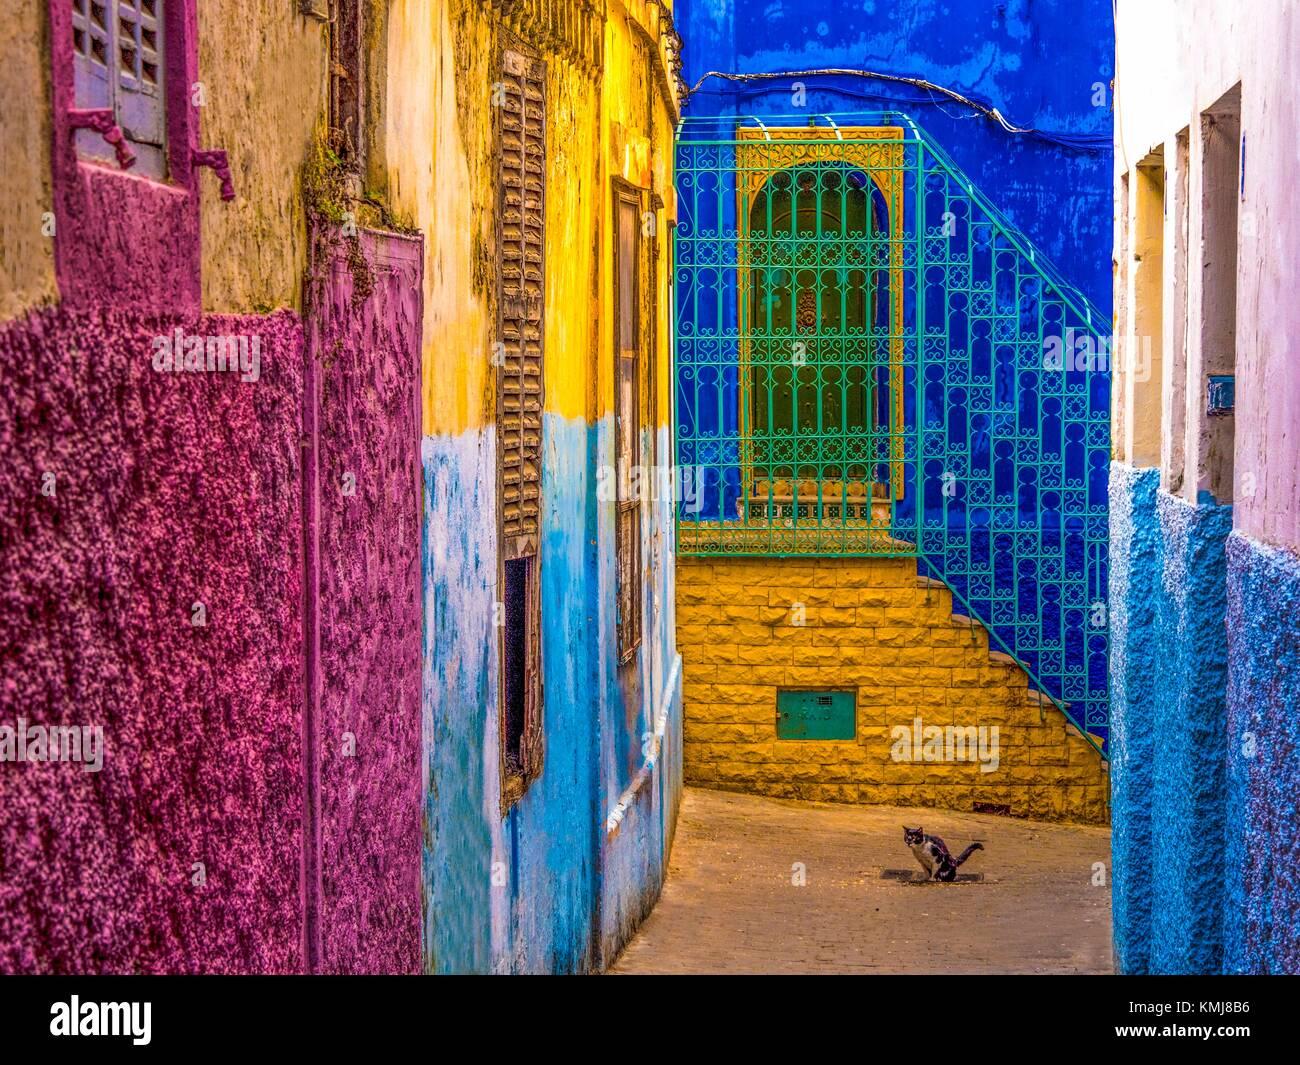 Maroc, Tanger, dans les 'Medina' (partie ancienne) de Tanger. Photo Stock